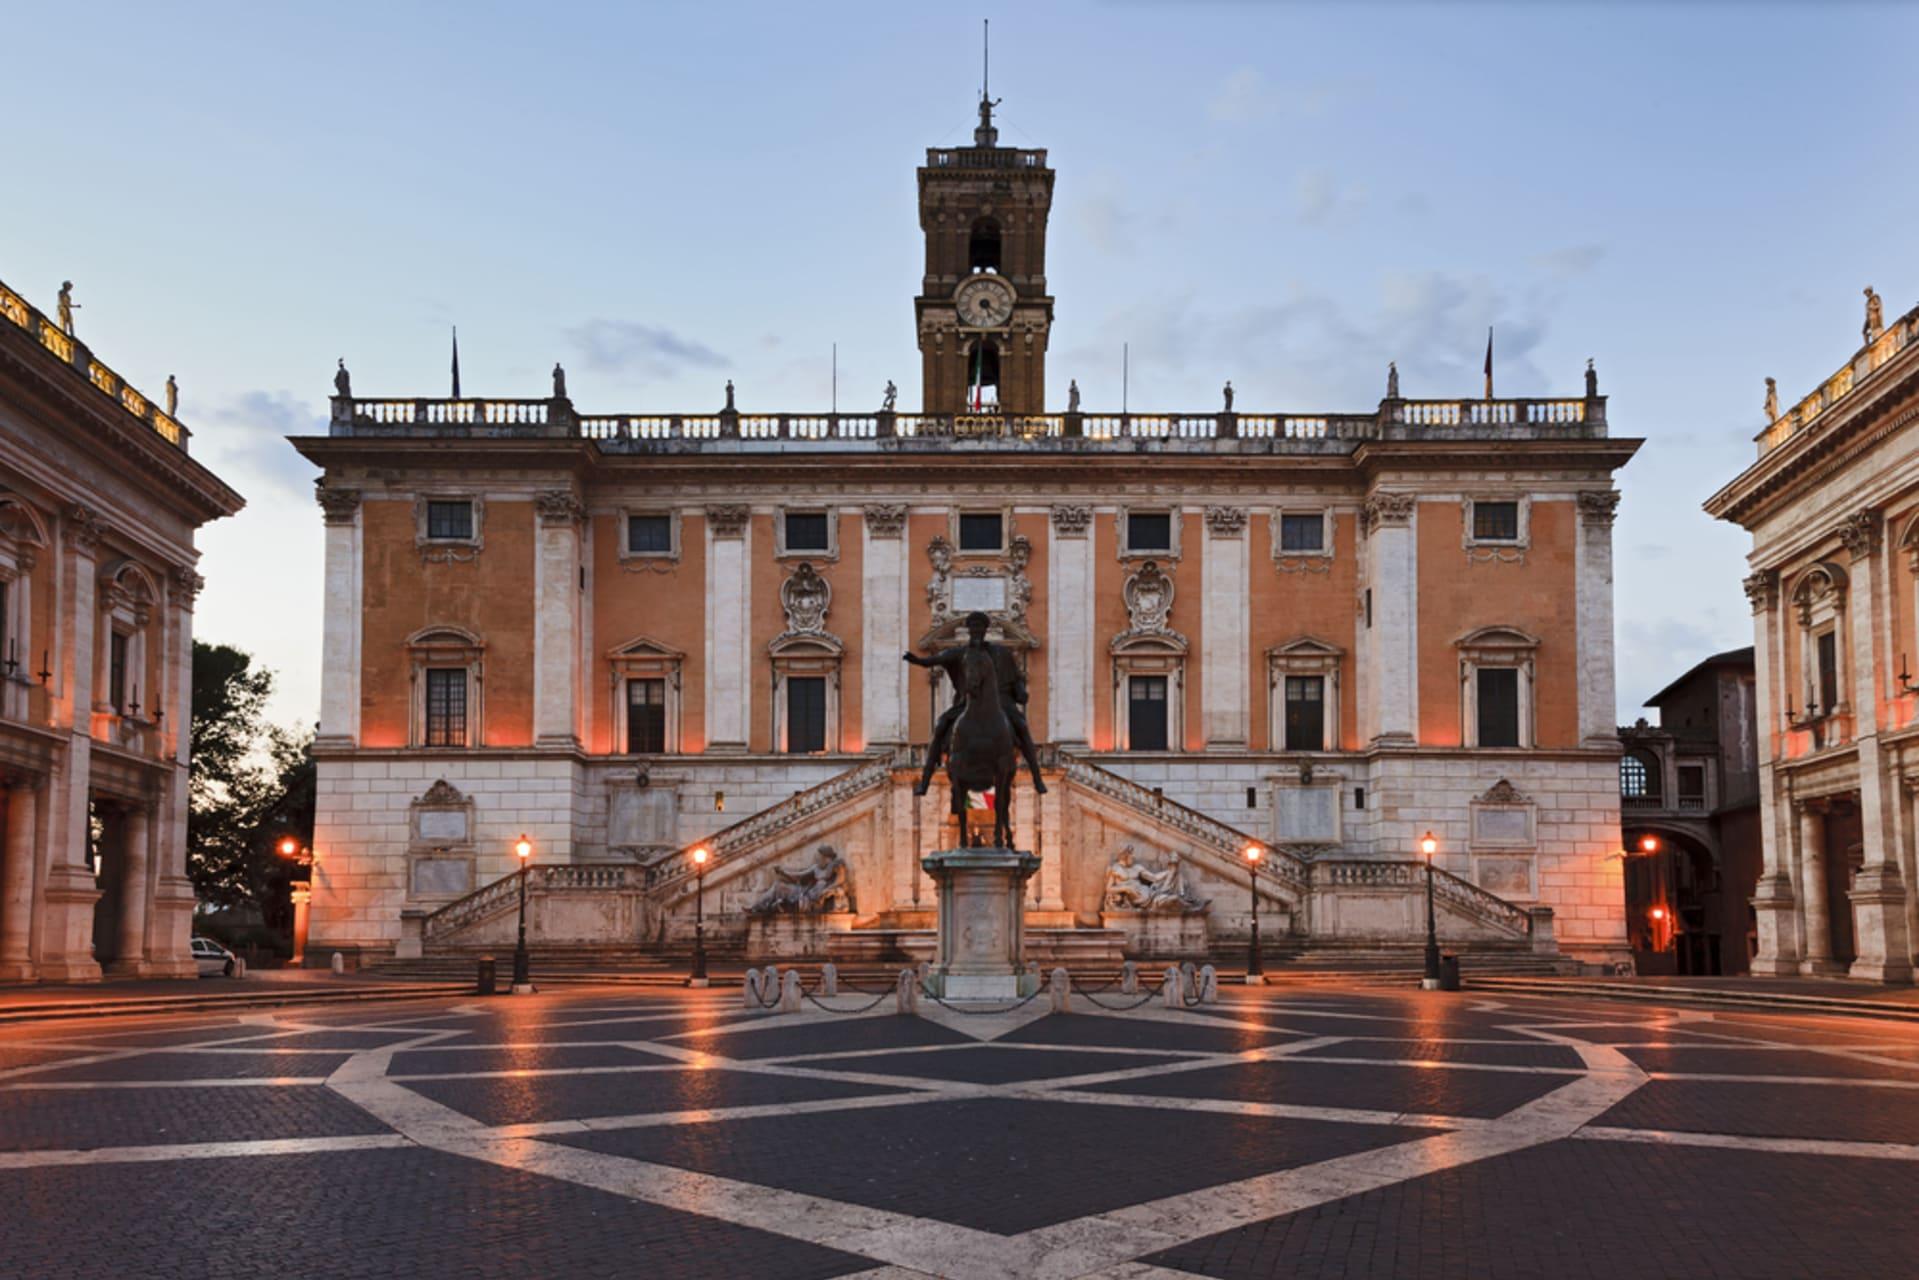 Rome - Capitoline Hill and the Jewish Ghetto